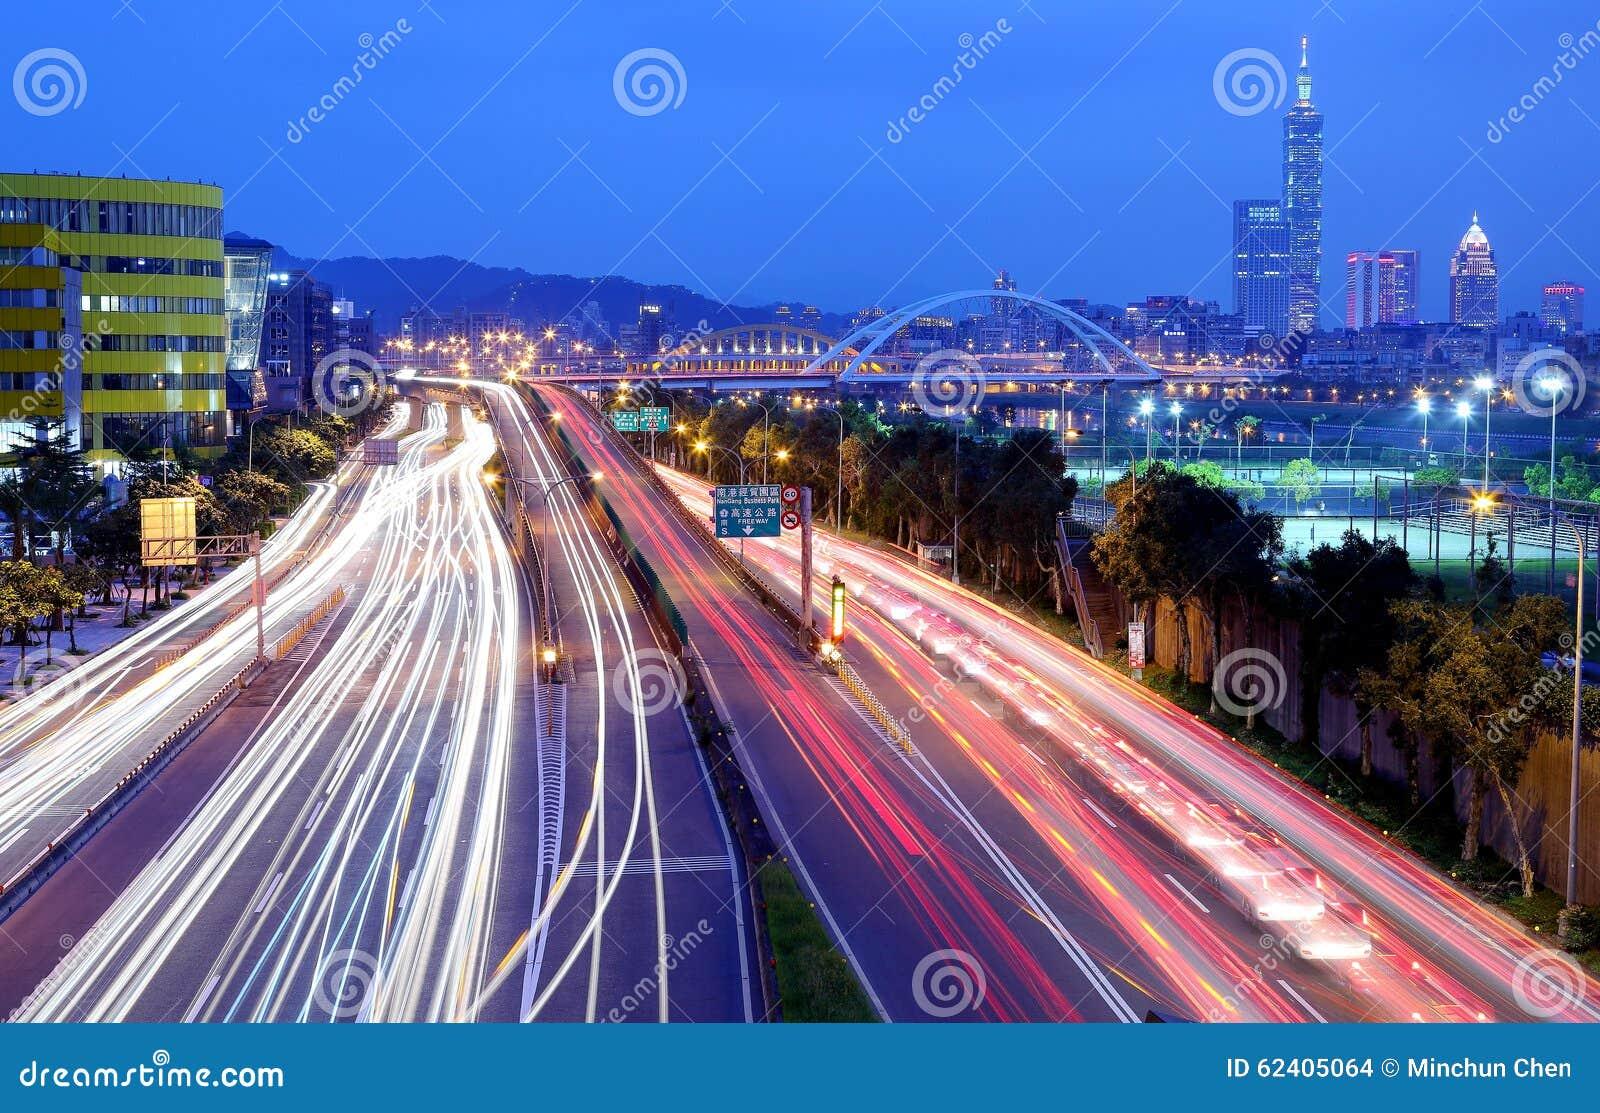 Sceneria Taipei miasto, Yi okręg i centrum miasta z MacArthur próbami na dajk alei, Bridżowymi i samochodowymi